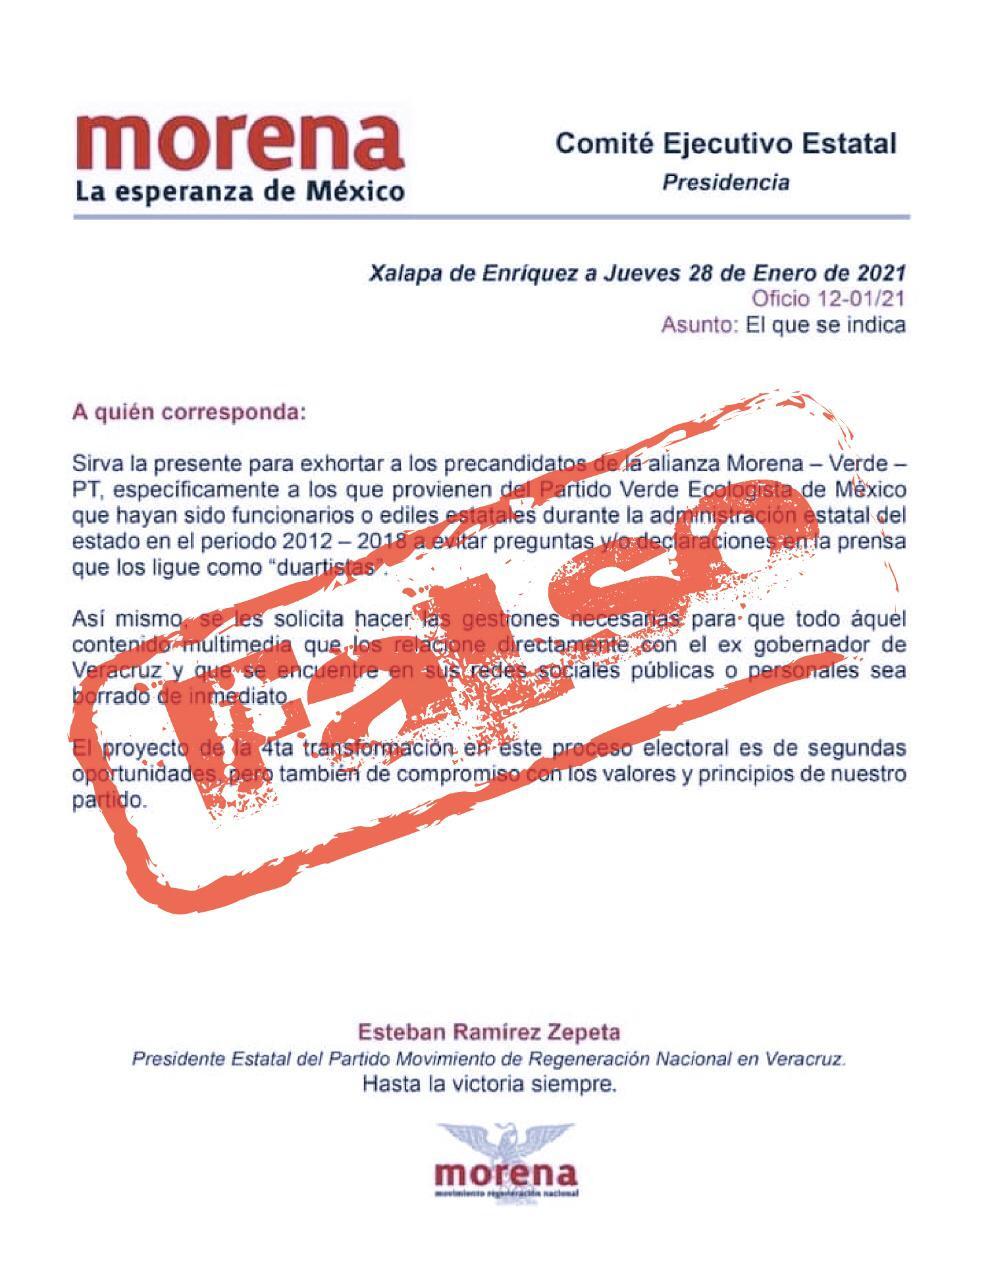 Fake News documento que circula con respecto a precandidatos de coalición: Ramírez Zepeta